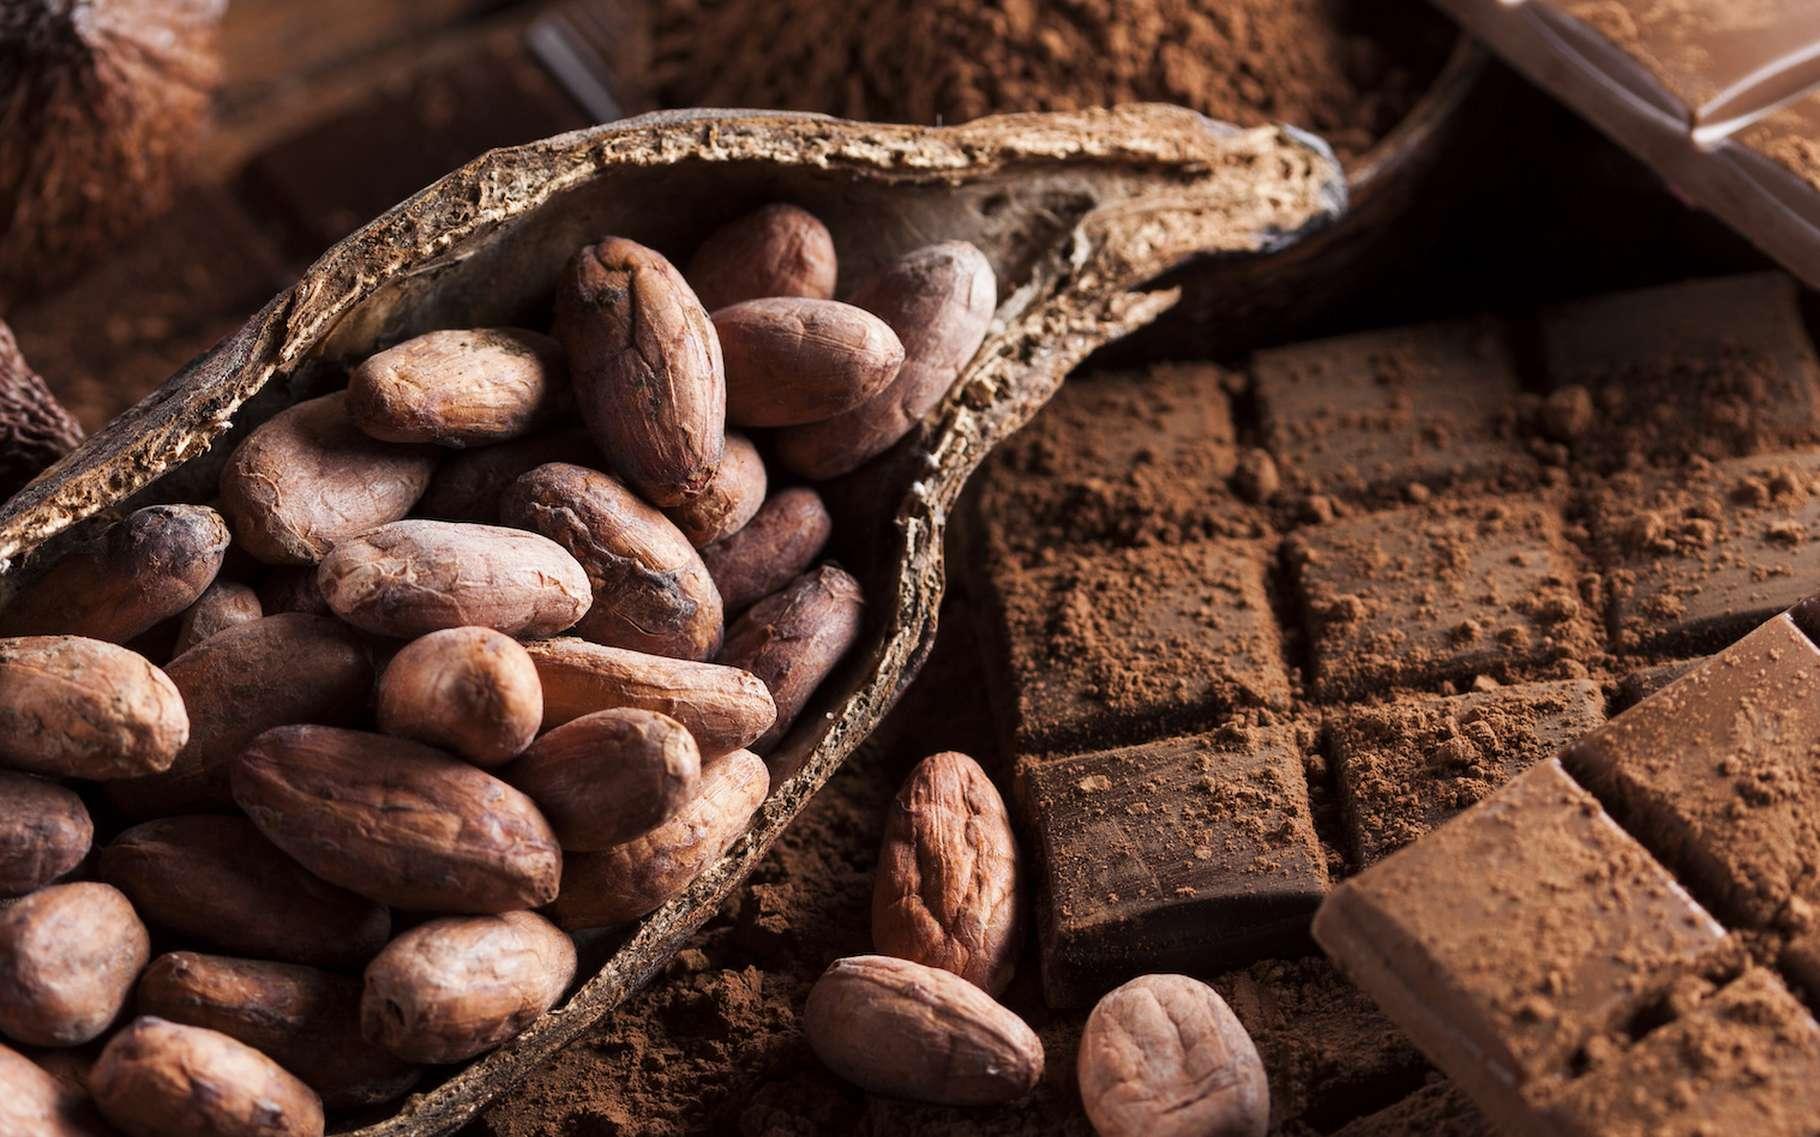 Comme pour le vin, la qualité d'un cacao dépend de nombreux paramètres. © Sébastian Duda, Adobe Stock